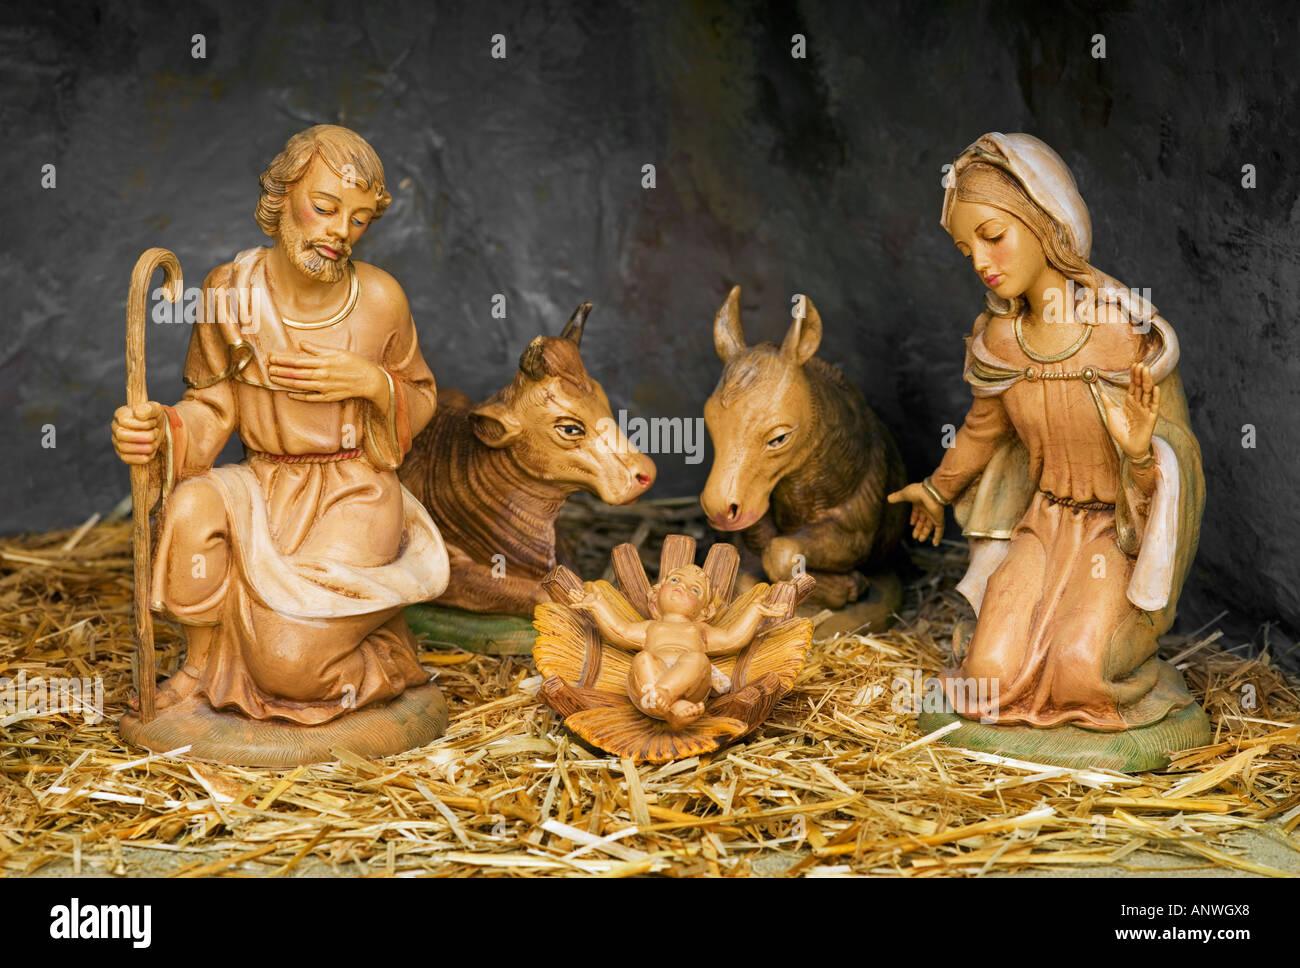 Immagini Di Natale Con Sacra Famiglia.Presepe Di Natale Con Sacra Famiglia Foto Immagine Stock